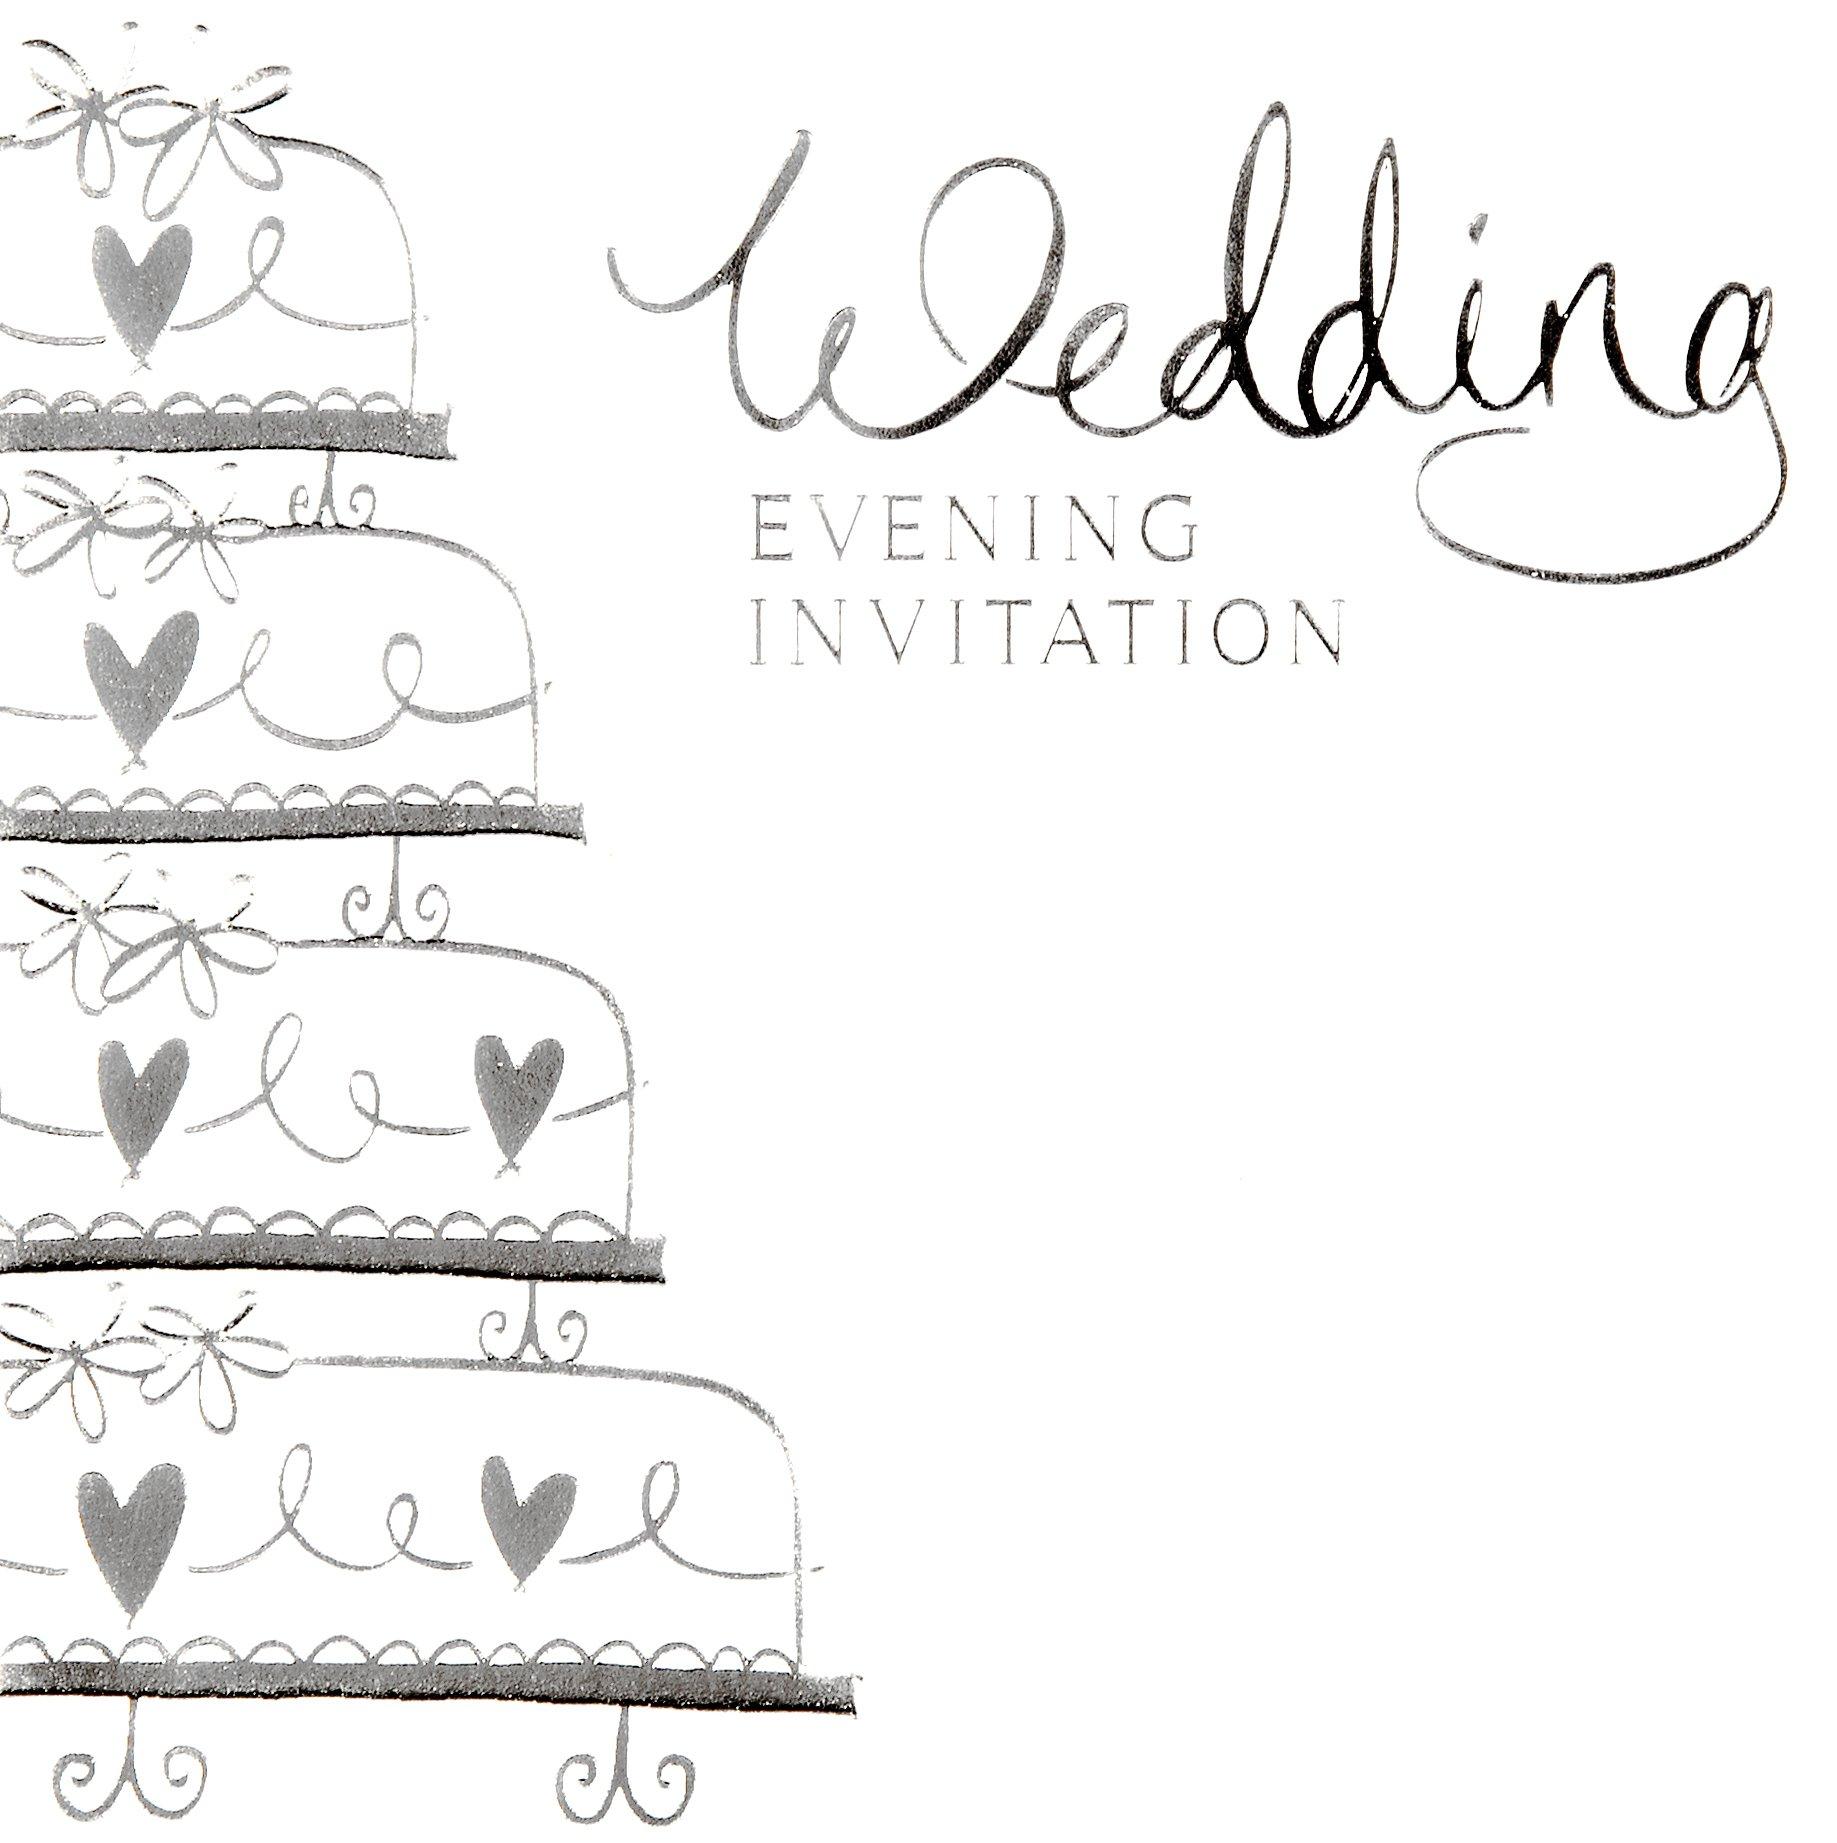 Wedding Invitation Packs: Amazon.co.uk